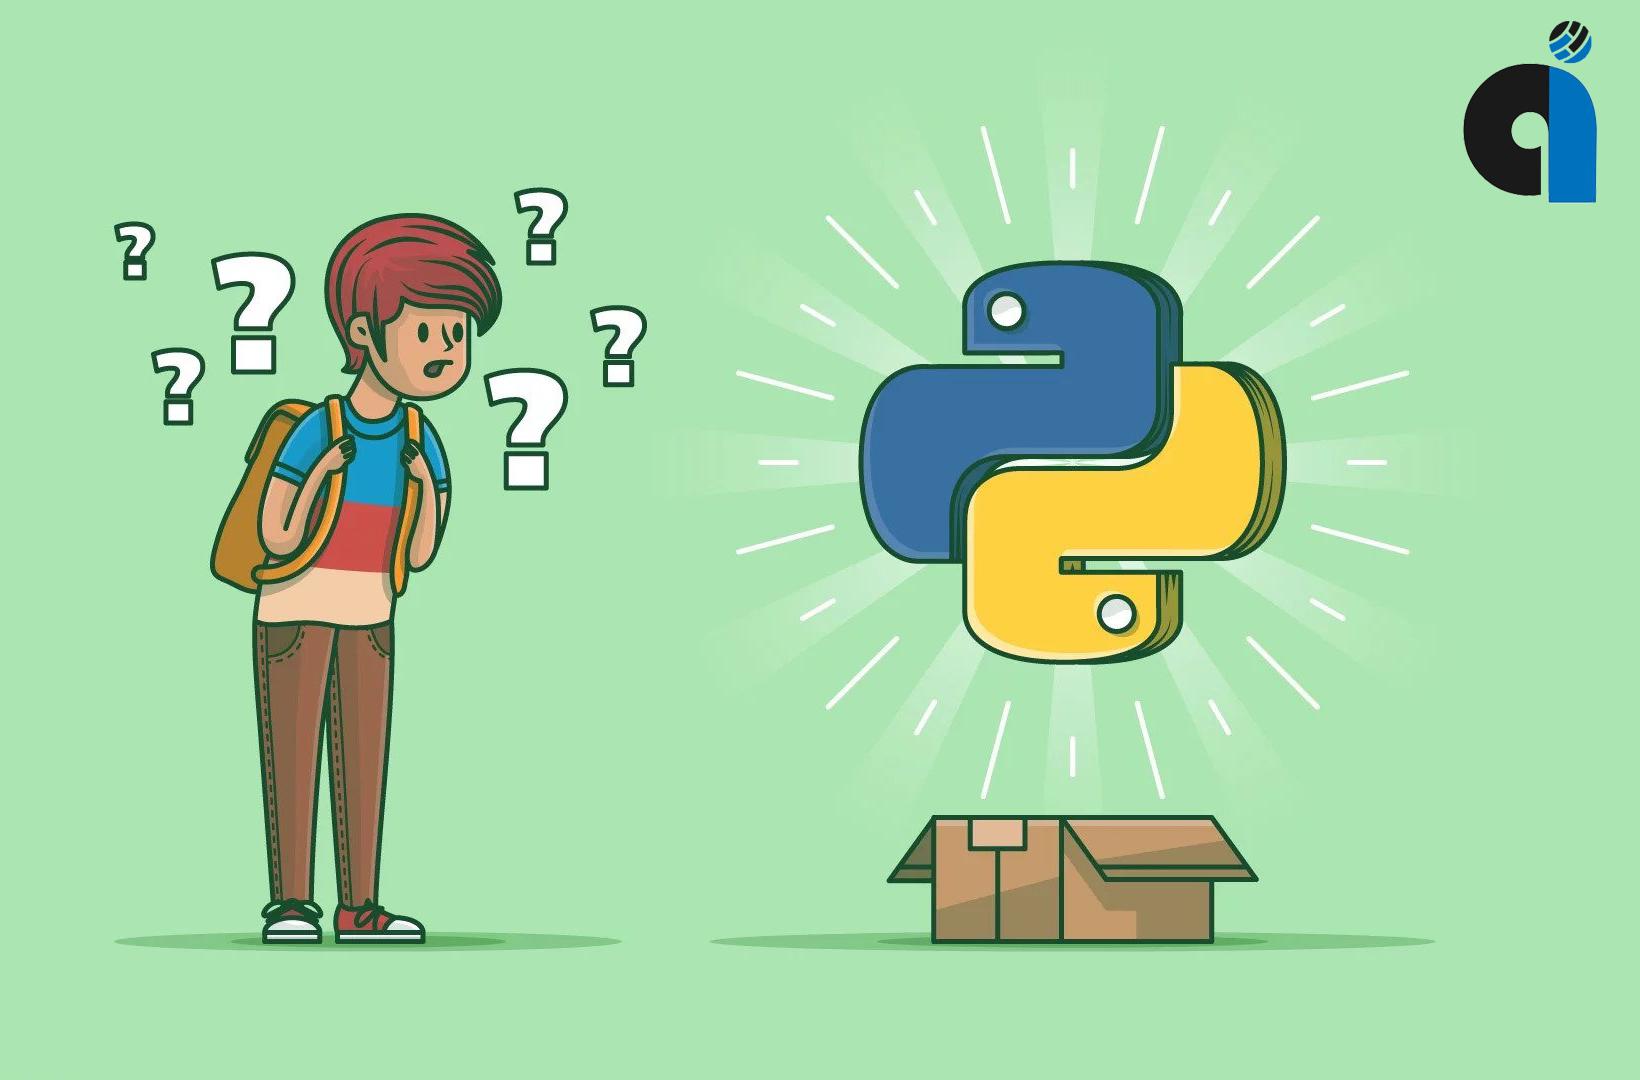 پایتون کلید ورود به دنیای هوش مصنوعی! (قسمت ششم: ماژول خودتو بساز)